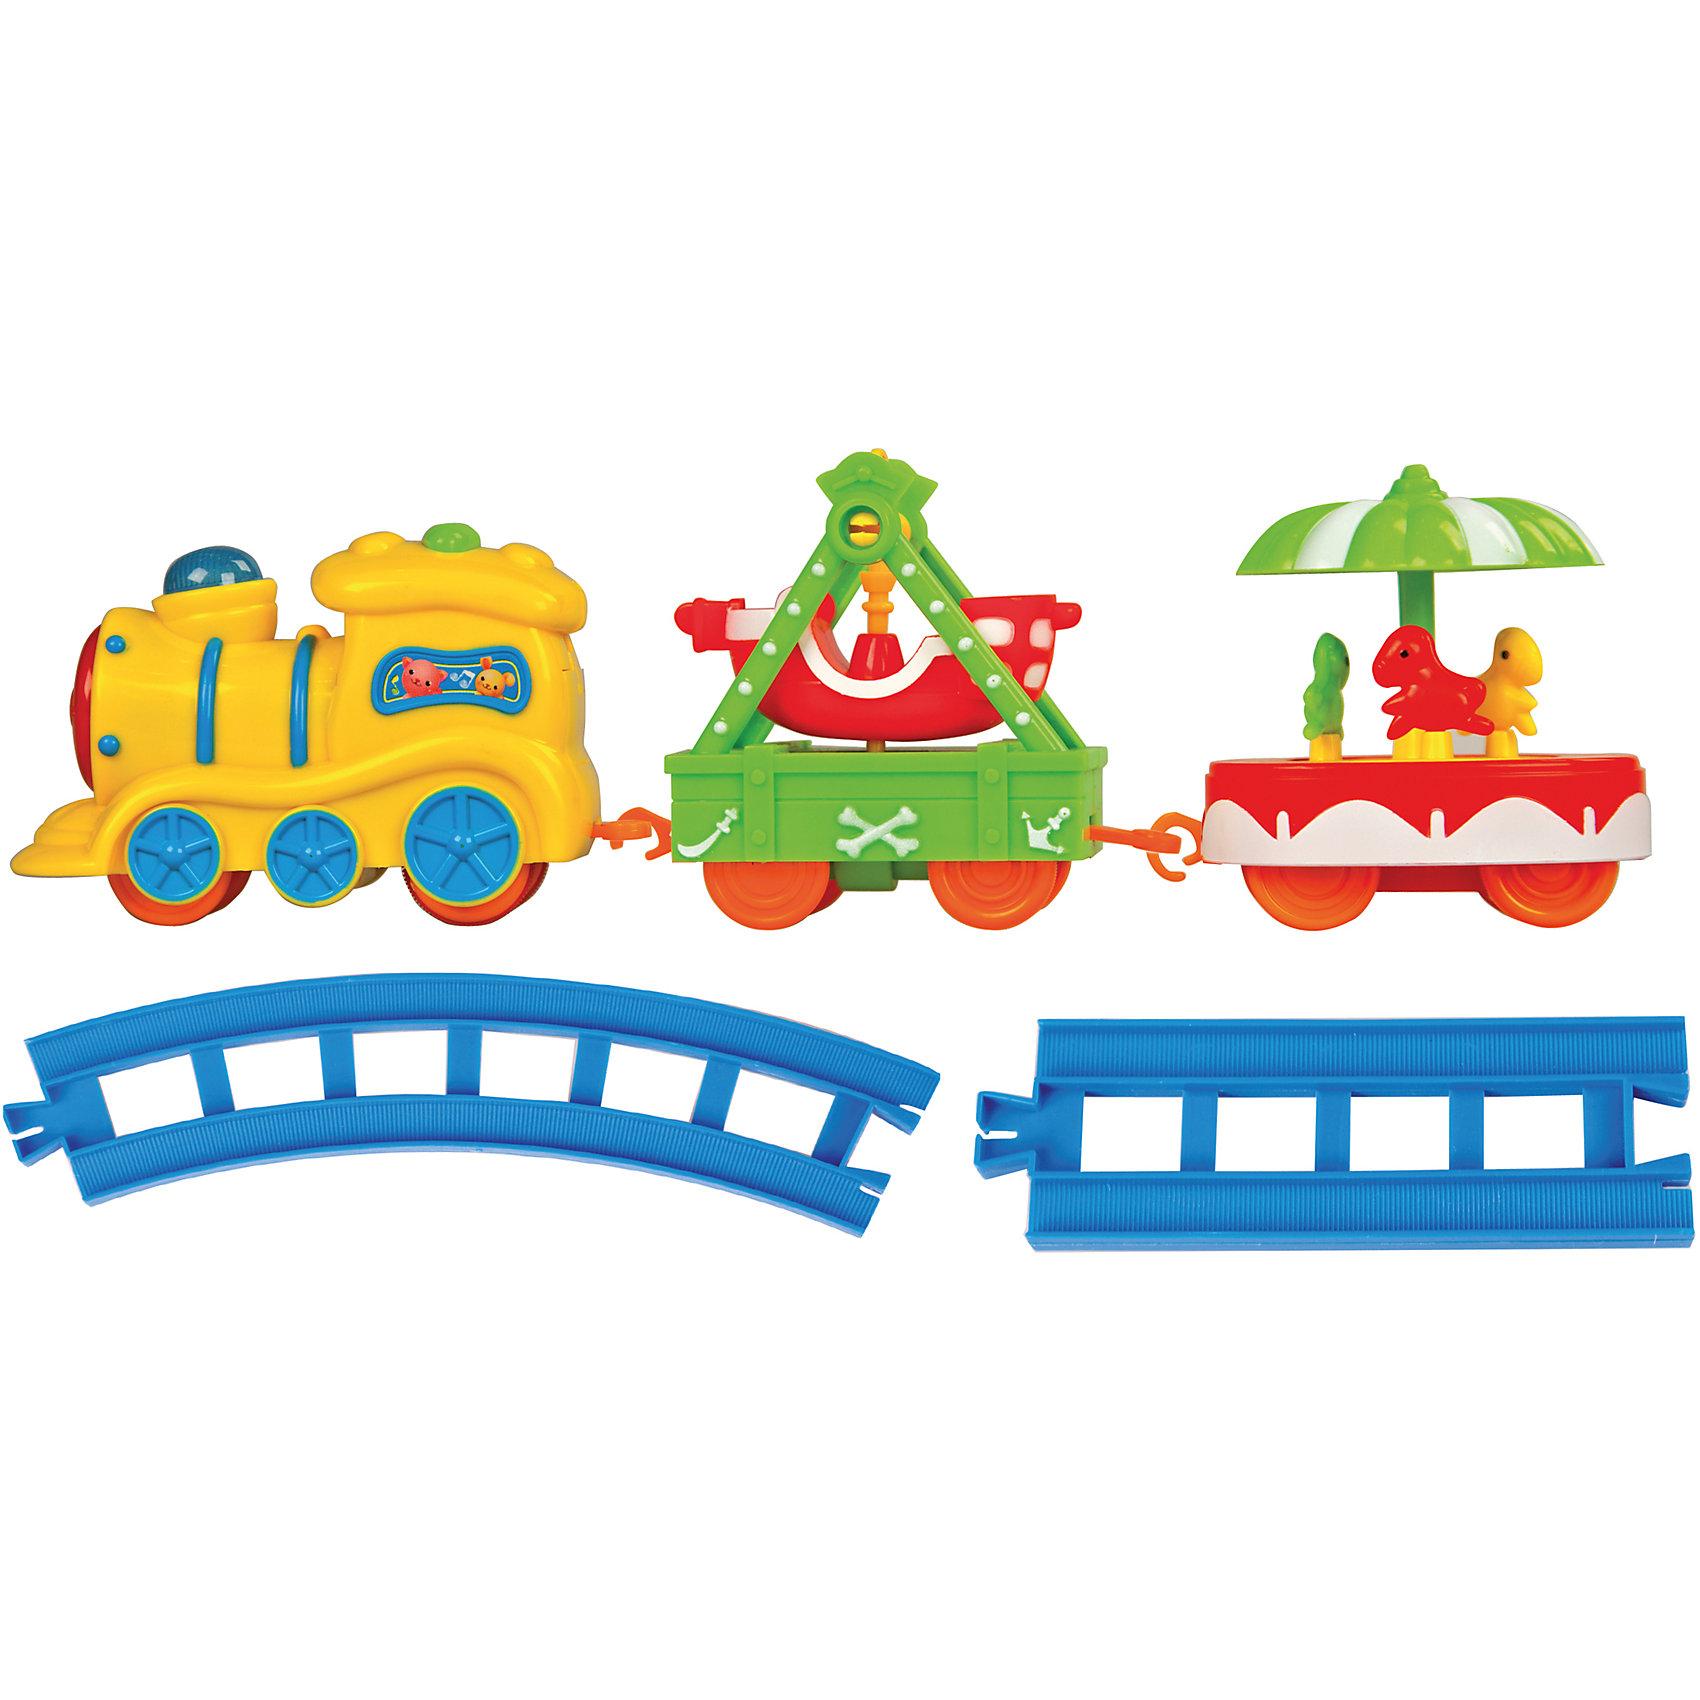 Железная дорога Карусель, Голубая стрелаЖелезная дорога Карусель, Голубая стрела.<br><br>Характеристики:<br><br>• Комплектация: паровоз, два ярких вагончиков с каруселями, элементы пути (4 прямых, 8 изогнутых дугой)<br>• Рельсы: длина прямого элемента - 10,5 см, длина изогнутого – 16,5 см.<br>• Размер паровозика: 12х4,7х7 см.<br>• Ширина колеи: 15 мм.<br>• Батарейки: 2 типа АА (не входят в комплект)<br>• Материал: пластик<br>• Упаковка: картонная коробка блистерного типа<br>• Размер упаковки: 30,5х20,5х7 см.<br><br>Железная дорога Карусель от производителя Голубая стрела понравится самым маленьким! Ведь все элементы игрушки такие яркие. Поезд словно из мультика приехал. И готов развлекать малышей! Весь набор состоит из элементов пути, чудесного паровоза, двух ярких вагончиков с каруселями. На одной карусели по кругу движутся три милые лошадки. Вторая карусель представляет собой качели в форме корабля. <br><br>Элементы дороги можно собирать в двух вариантах: кругом или овалом. Рельсы соединяются между собой очень просто, как пазл. Вагончики и паровоз – с помощью петелек. Движение состава по рельсам сопровождается звуковыми и световыми эффектами. Благодаря им игра будет безумно интересной. Движение паровоза происходит в зависимости от положения переключателя вкл./выкл. Играя с железной дорогой, ребенок разовьет пространственное мышление, мелкую моторику рук и воображение.<br><br>Железную дорогу Карусель, Голубая стрела можно купить в нашем интернет-магазине.<br><br>Ширина мм: 300<br>Глубина мм: 200<br>Высота мм: 70<br>Вес г: 458<br>Возраст от месяцев: 36<br>Возраст до месяцев: 2147483647<br>Пол: Мужской<br>Возраст: Детский<br>SKU: 5400245